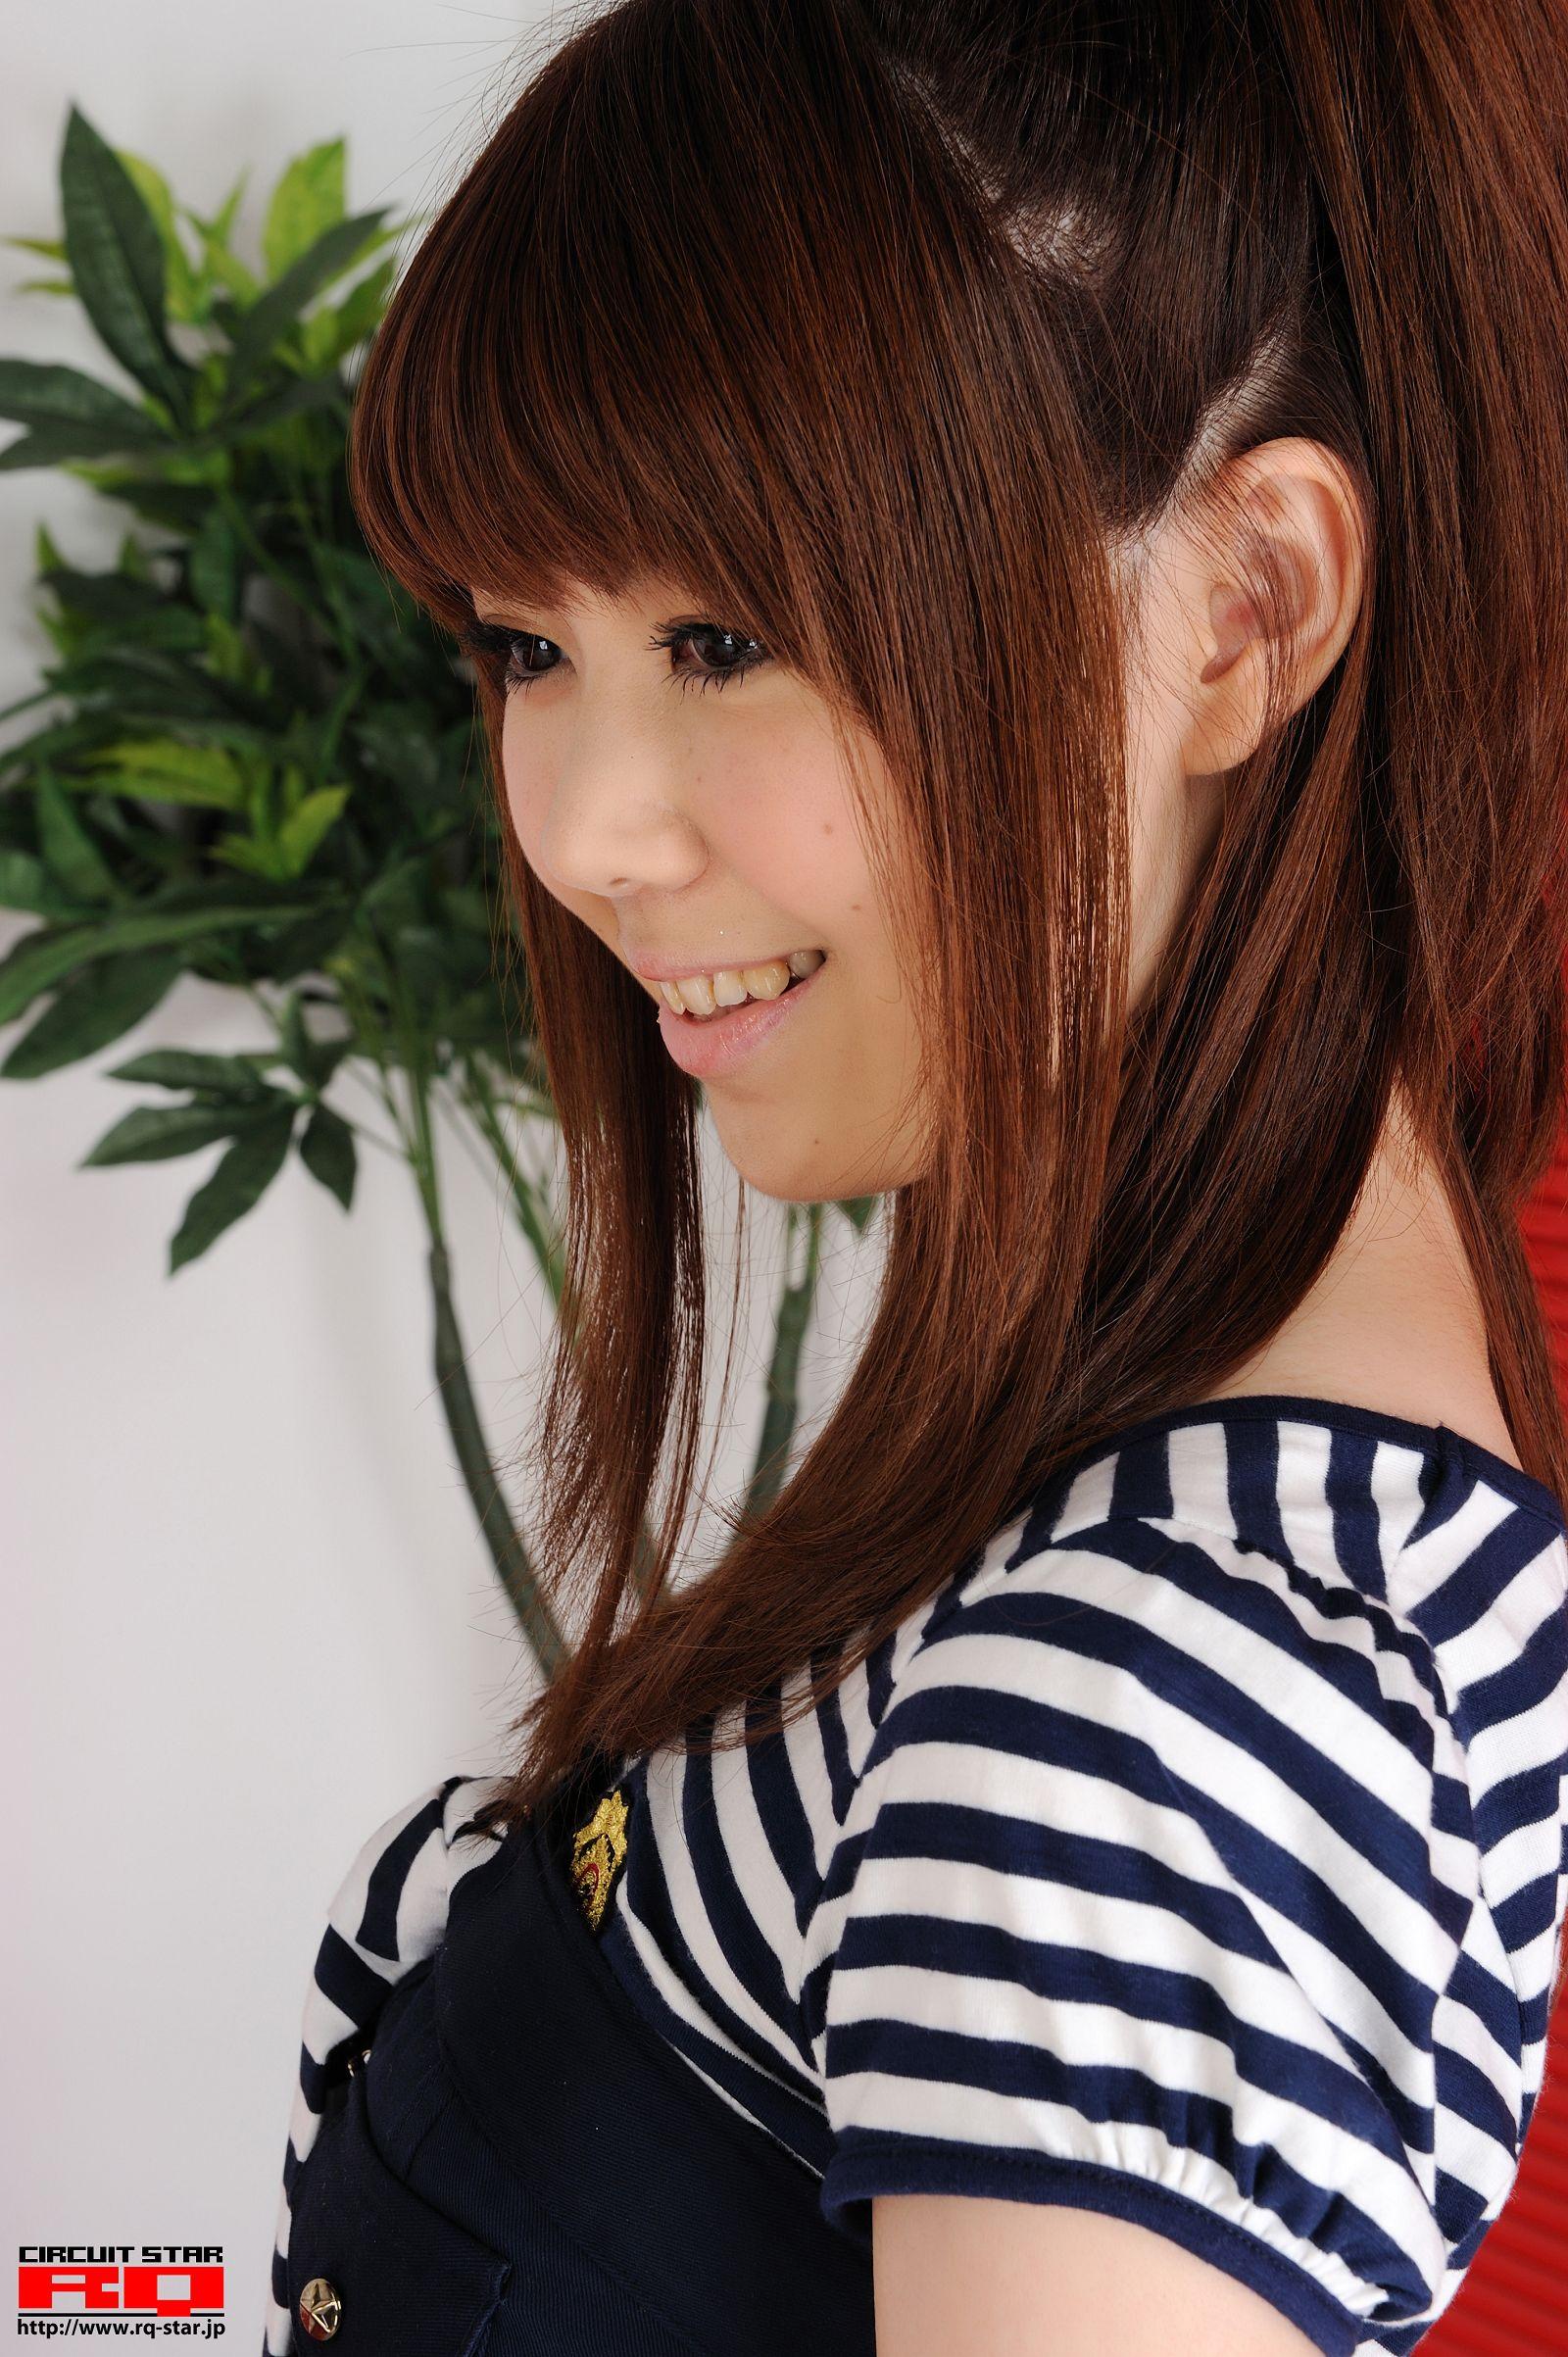 [RQ STAR美女] NO.0376 Haruka Ikuta 生田晴香 Private Dress[100P] RQ STAR 第4张